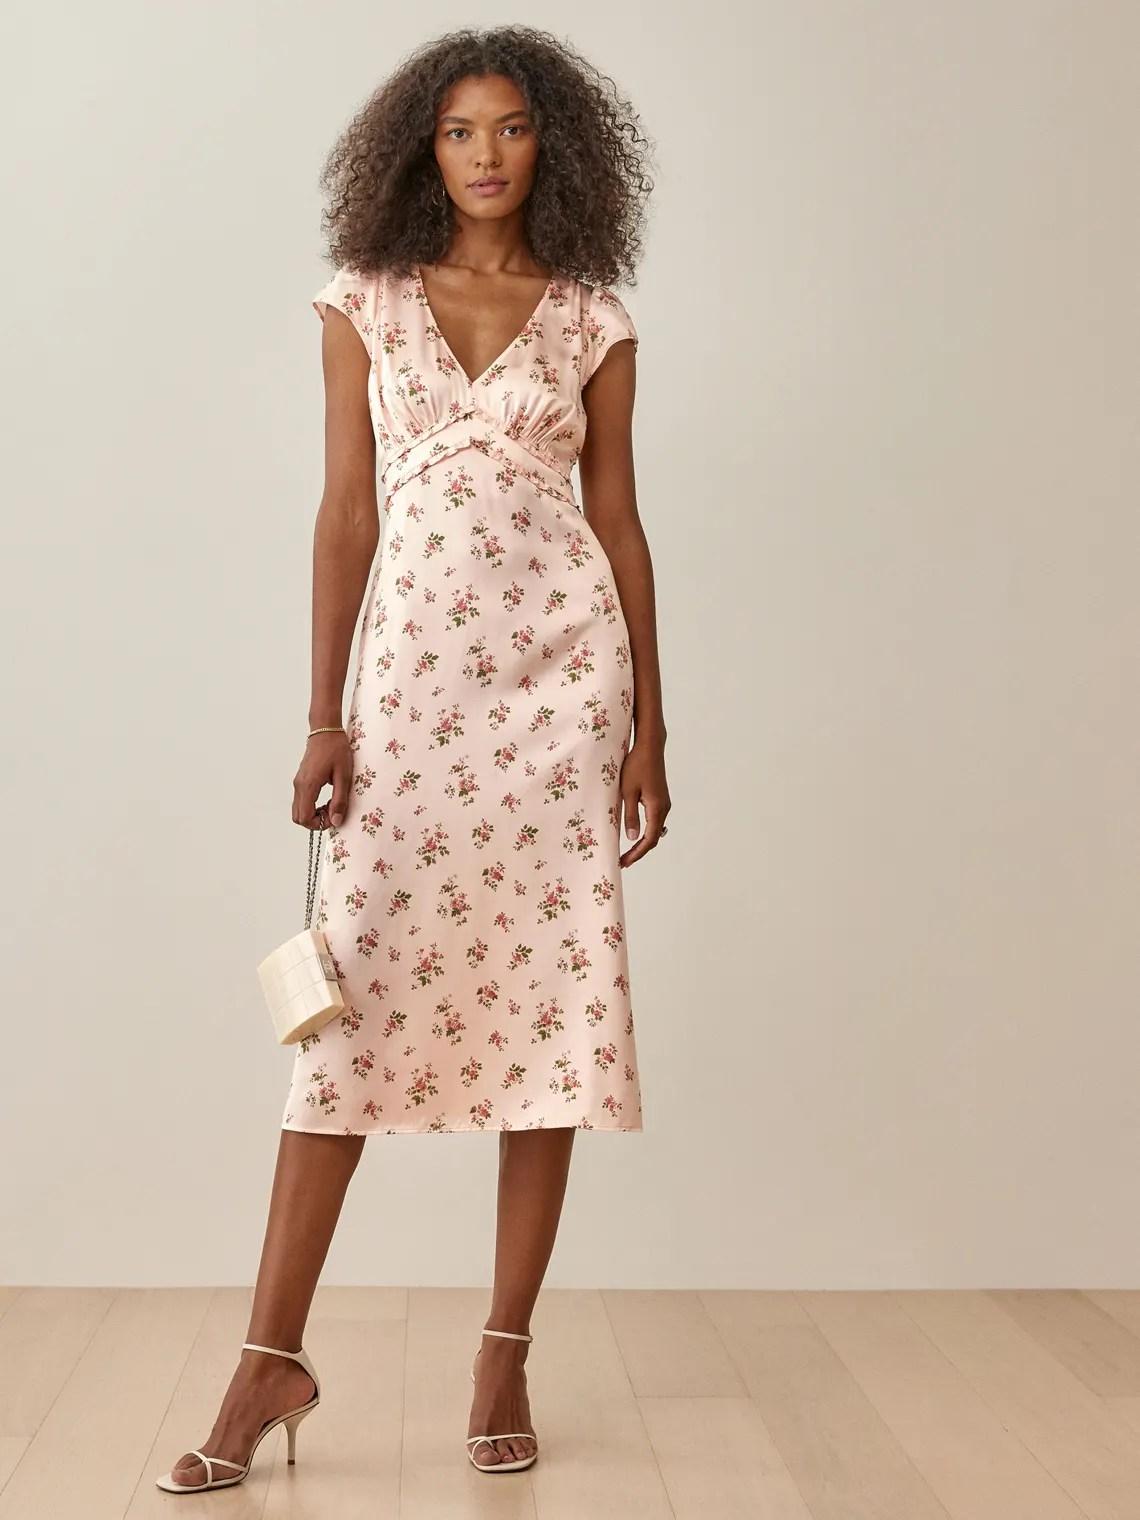 Audrey Kaye Dress